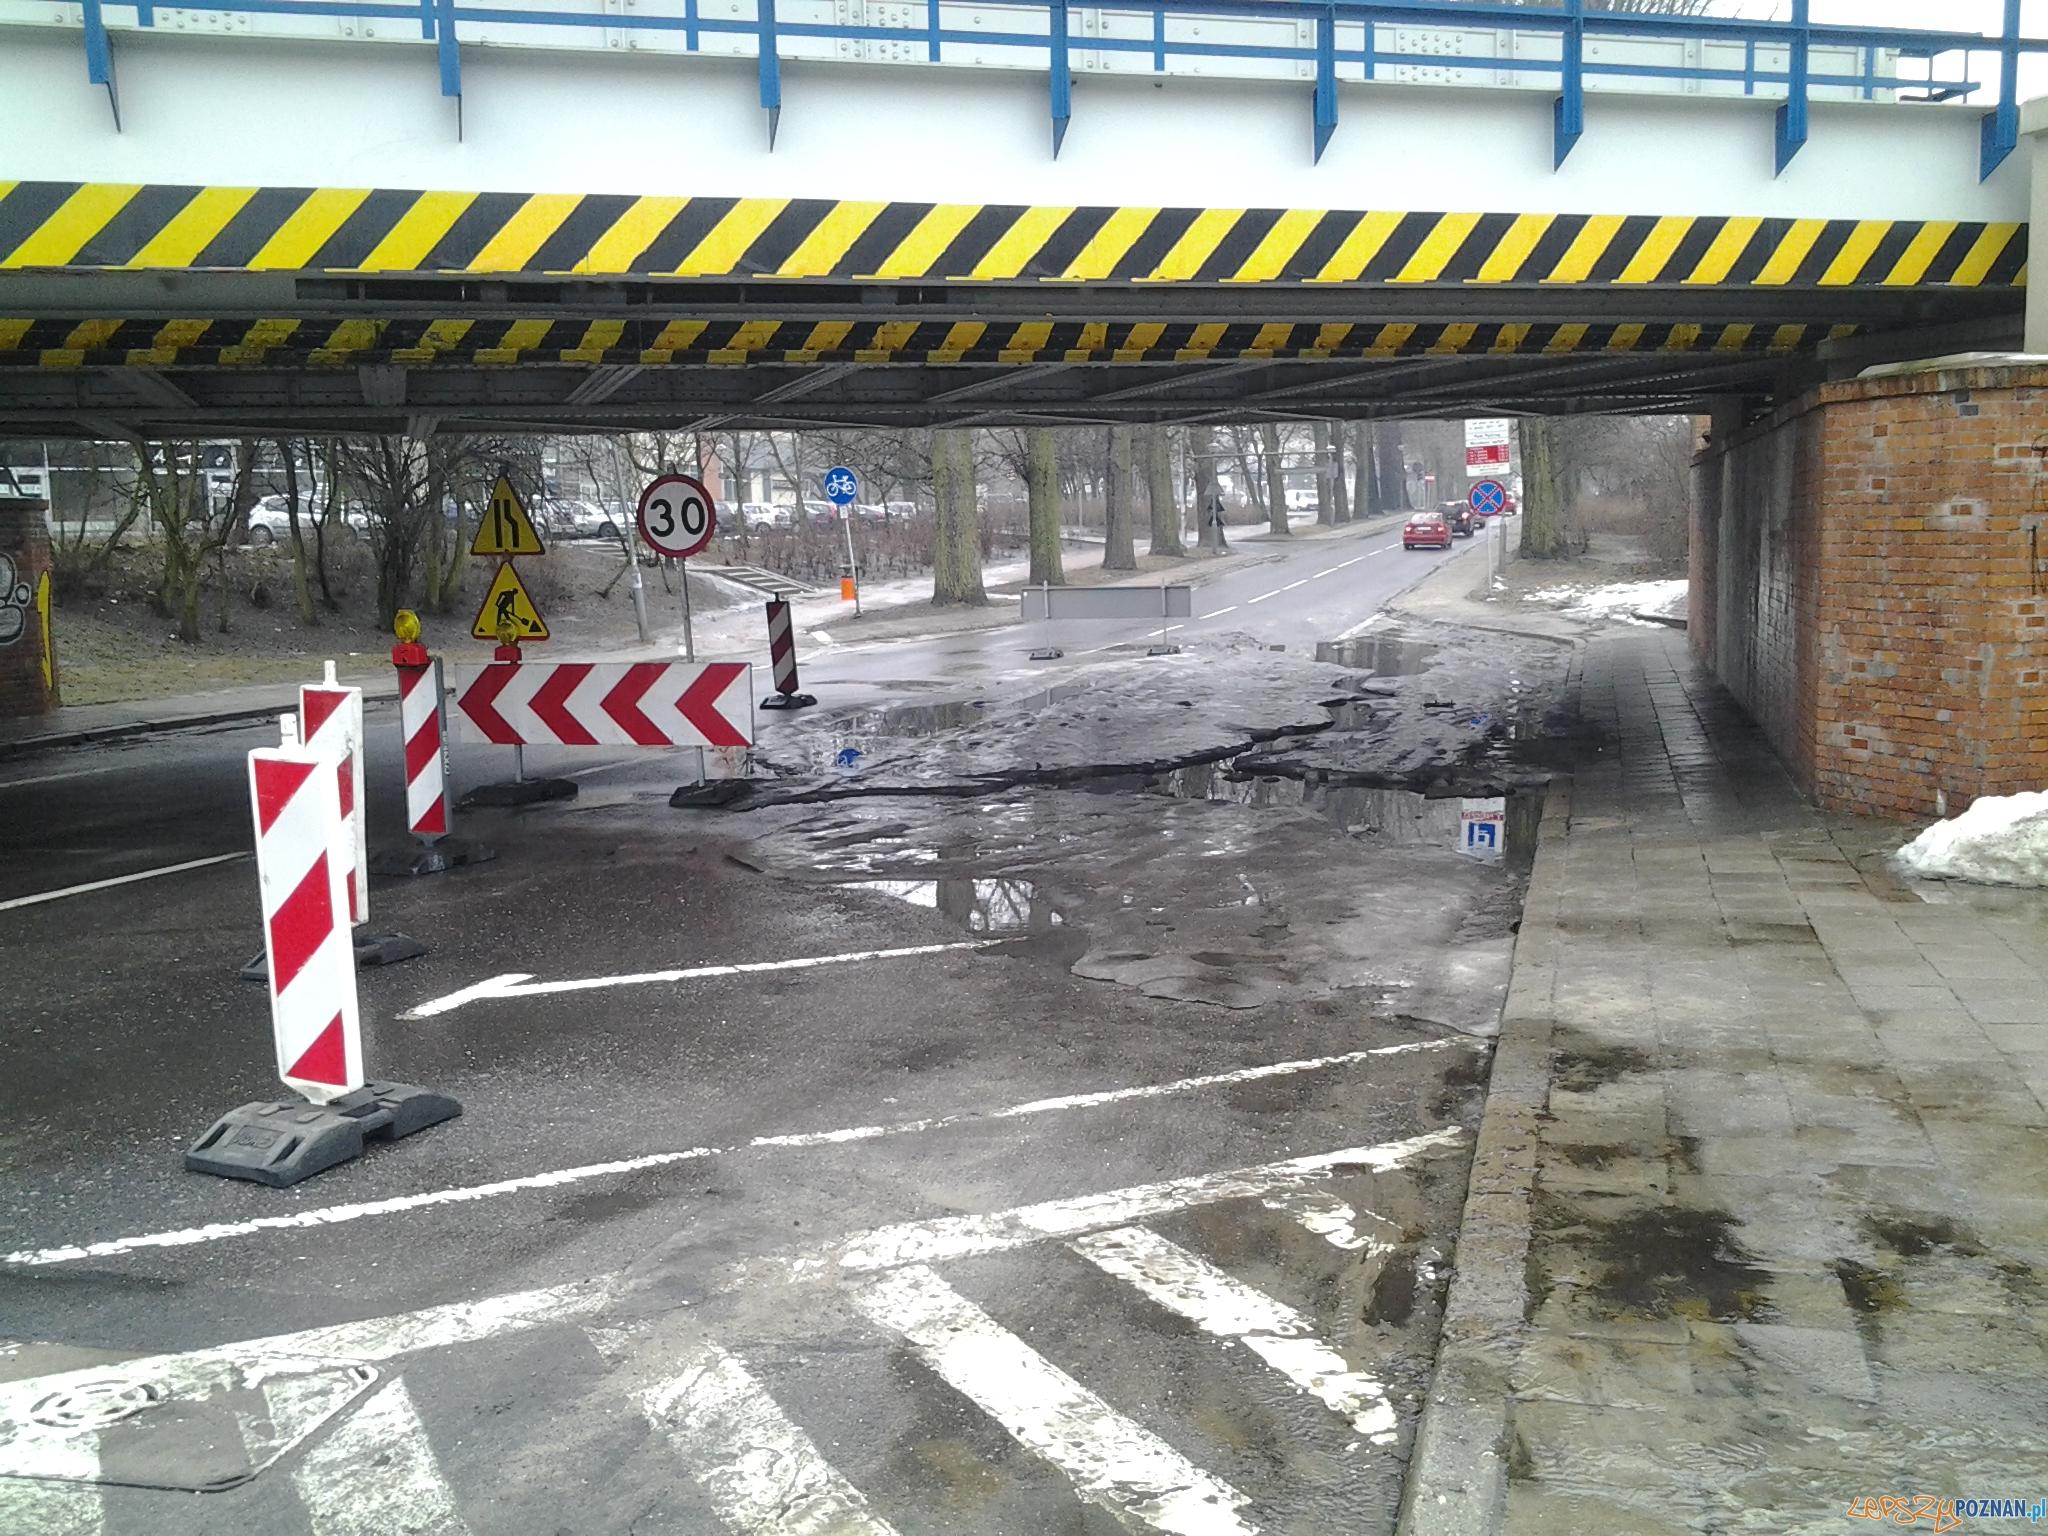 Utrudnienia na Alei Niepodległości  Foto: lepszyPOZNAN.pl / ag